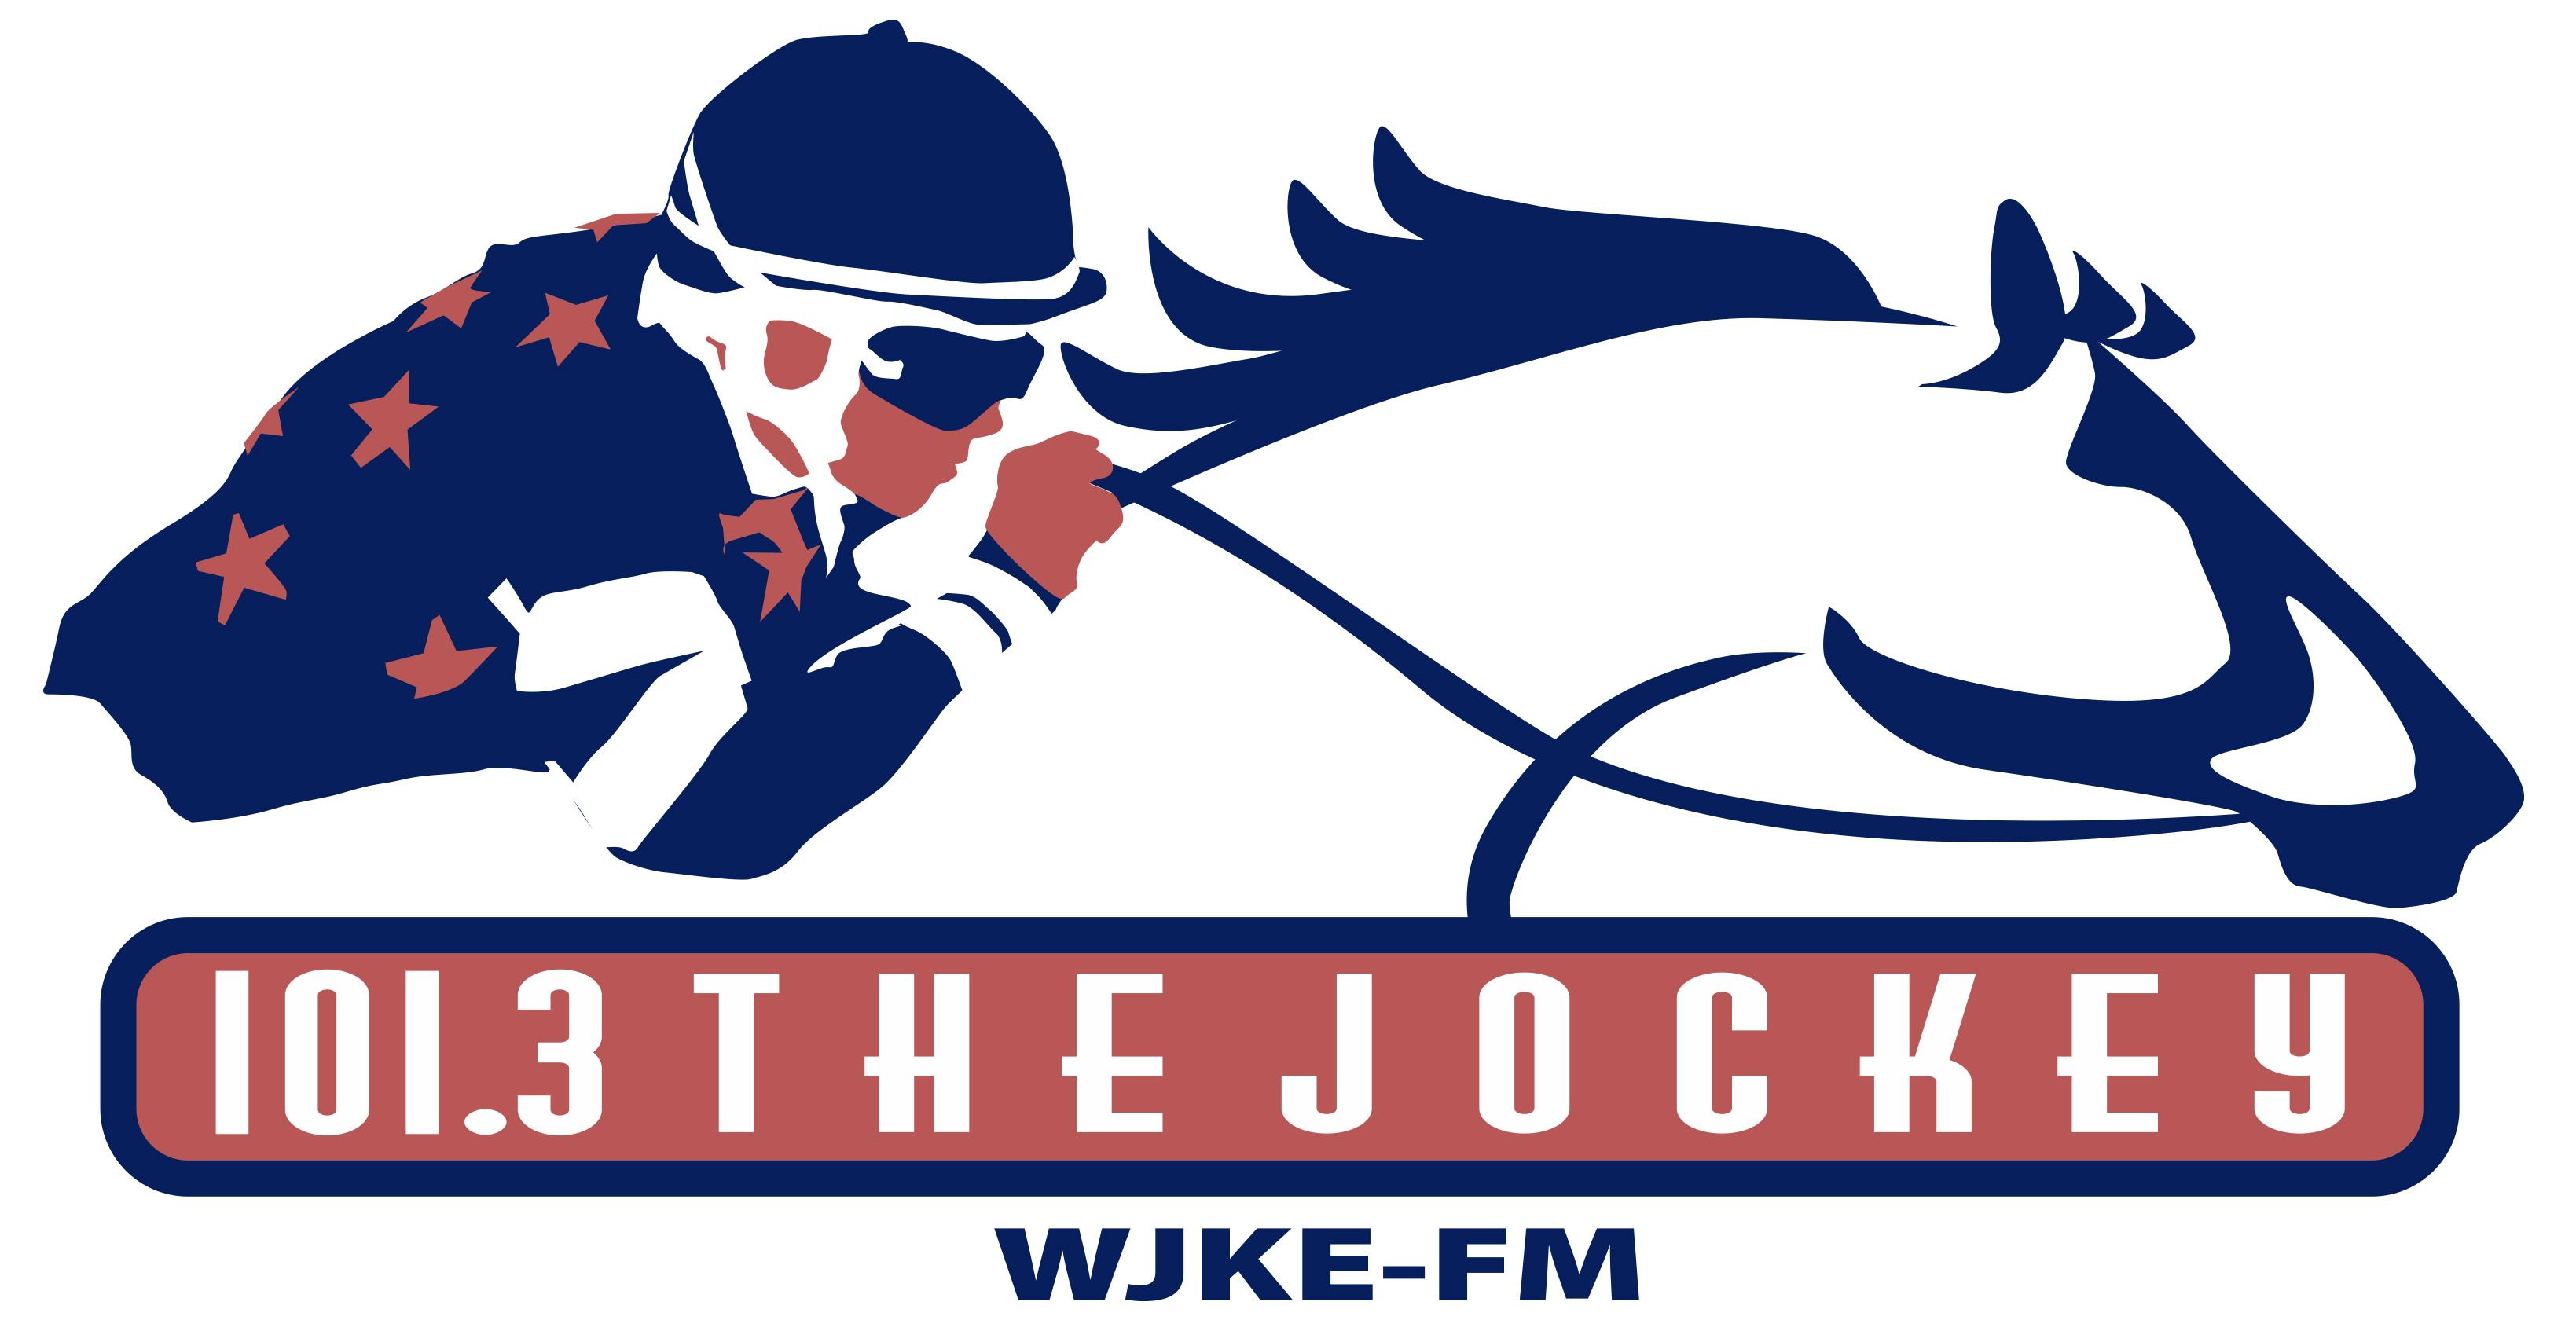 101.3 The Jockey